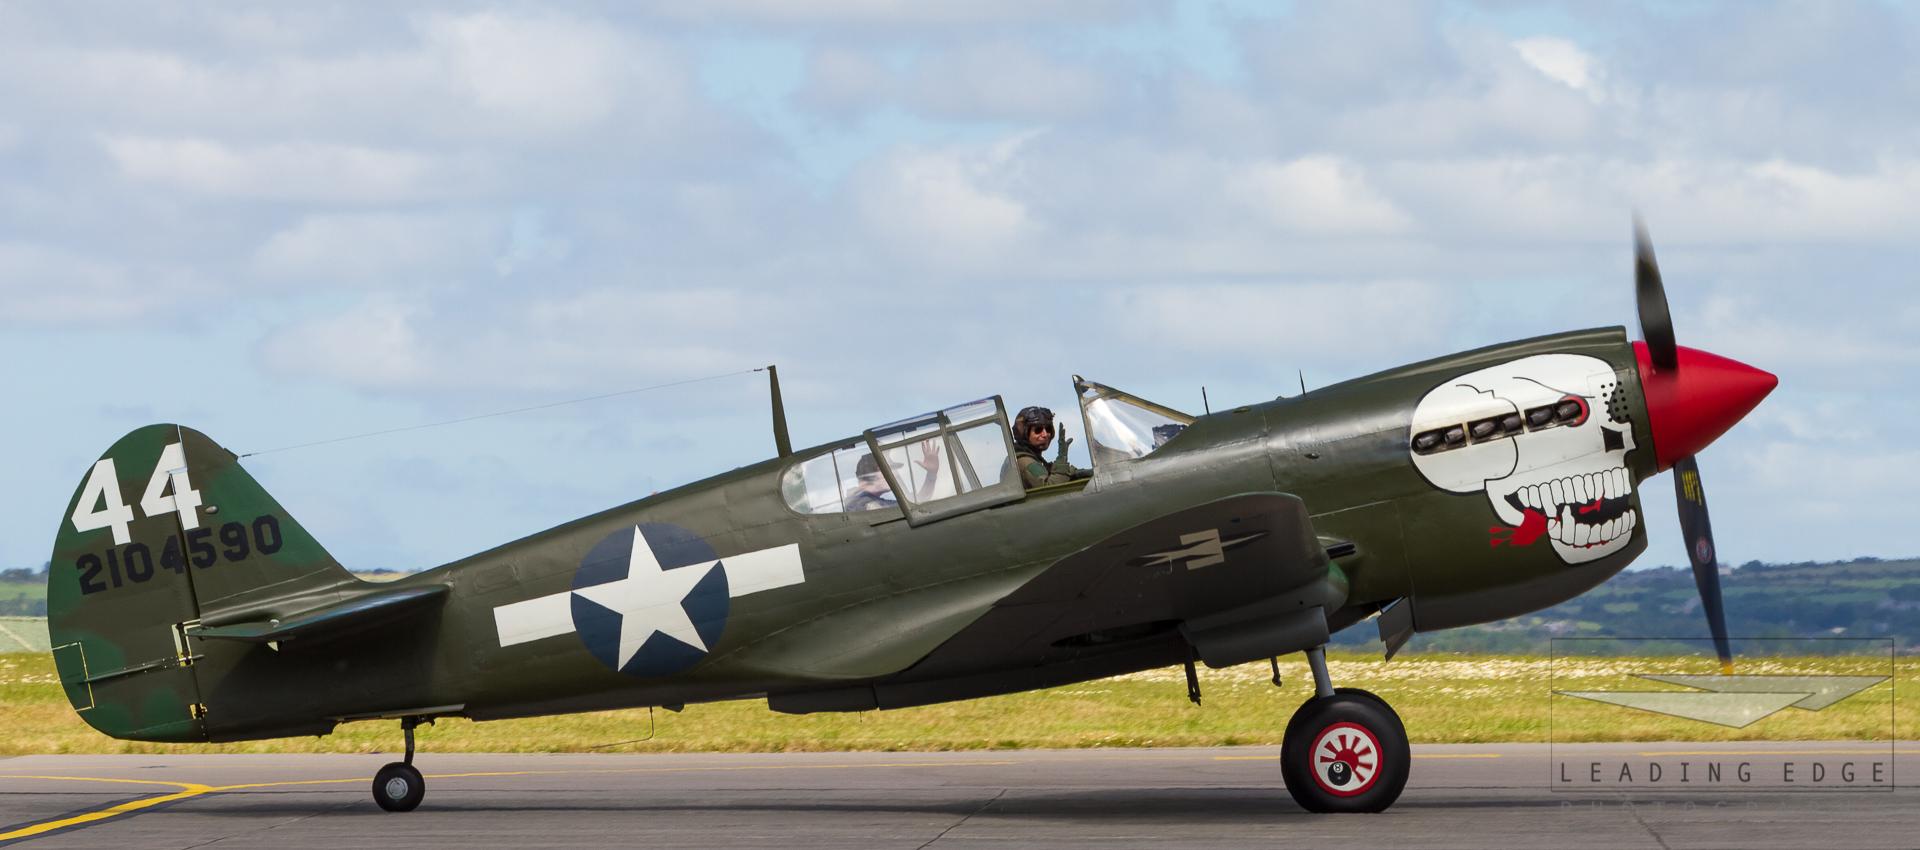 P40 Kittyhawk